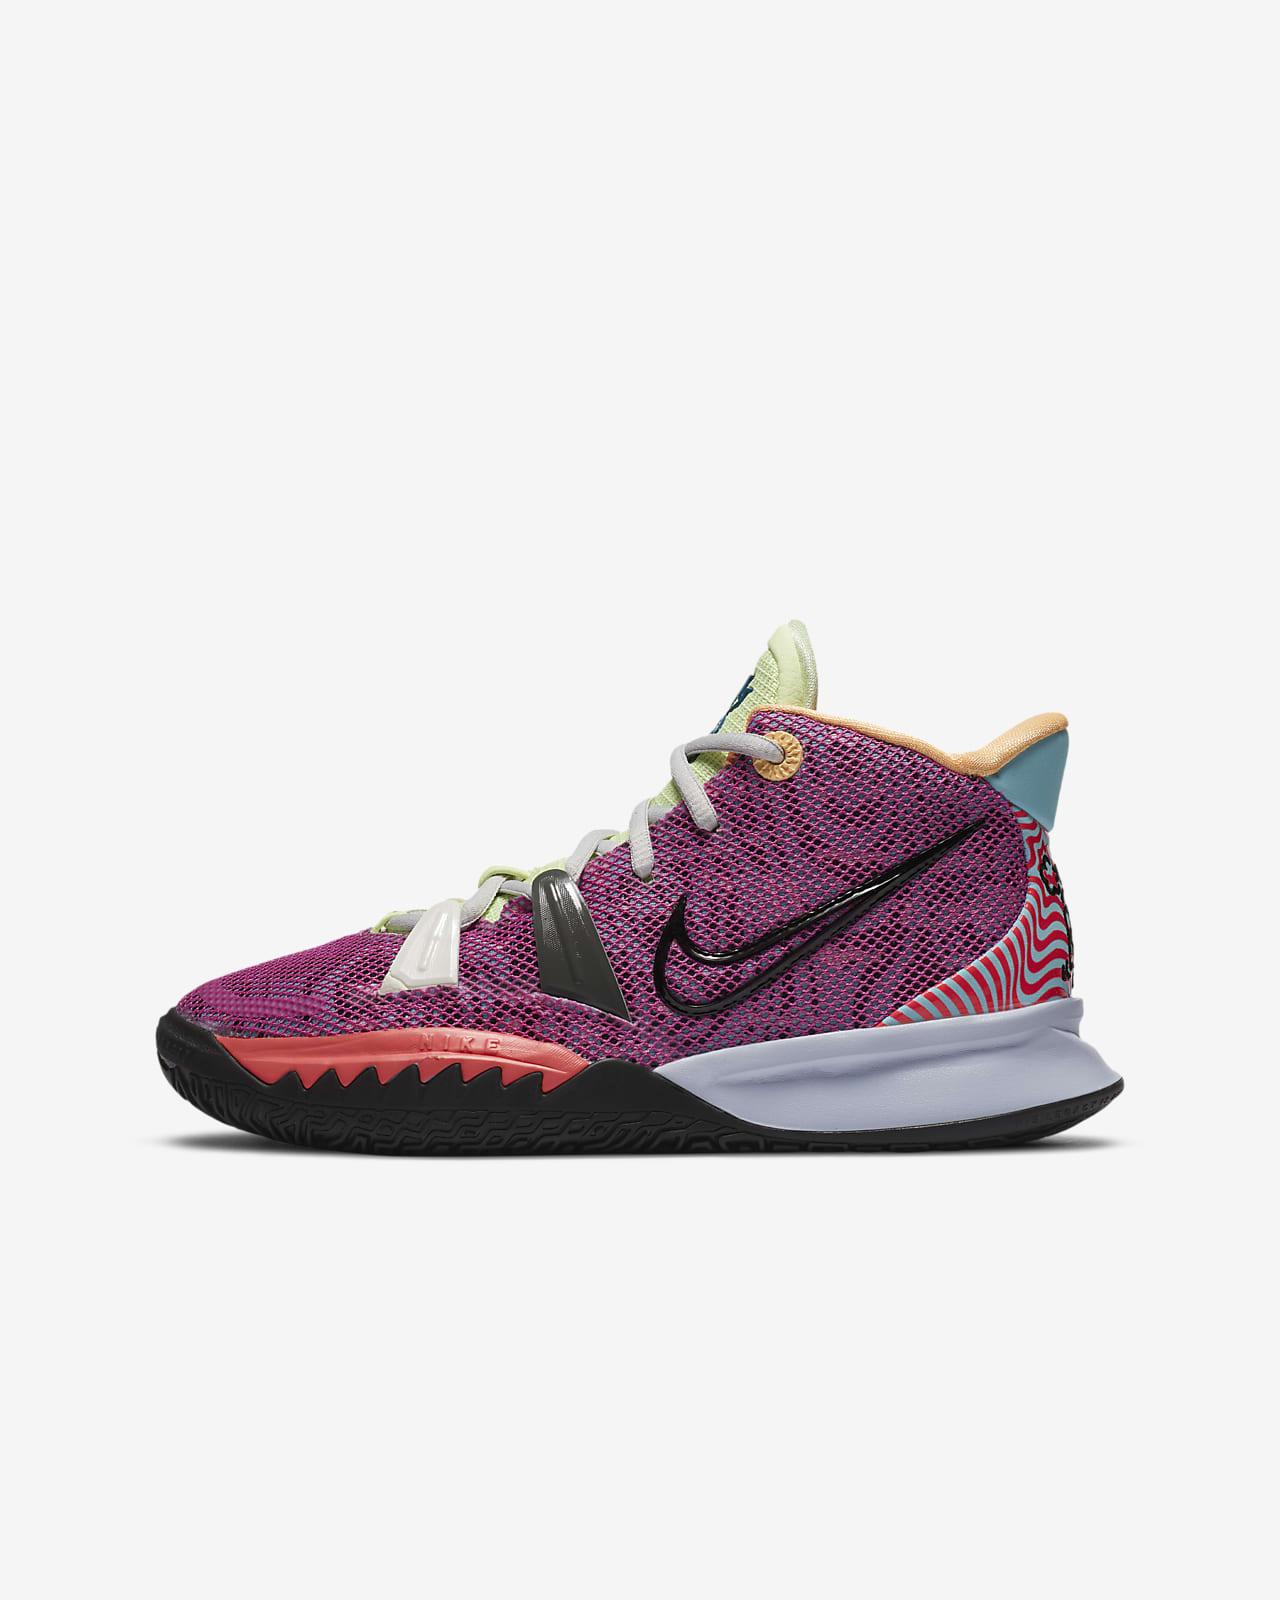 Kyrie 7 Big Kids' Basketball Shoe